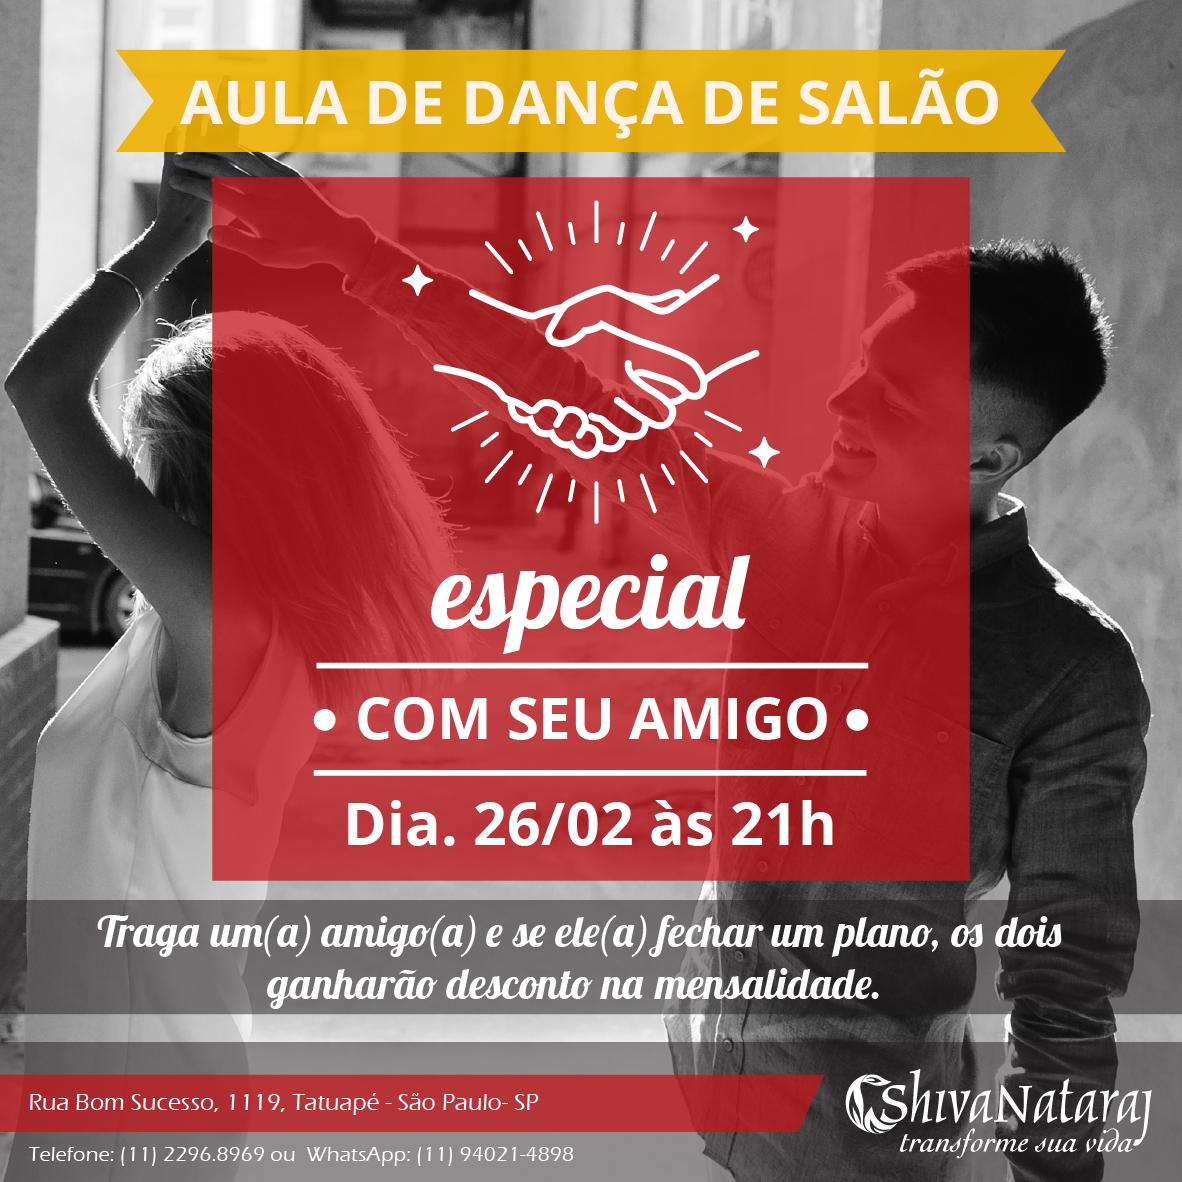 aula_de_danca_de_salao_shiva_nataraj